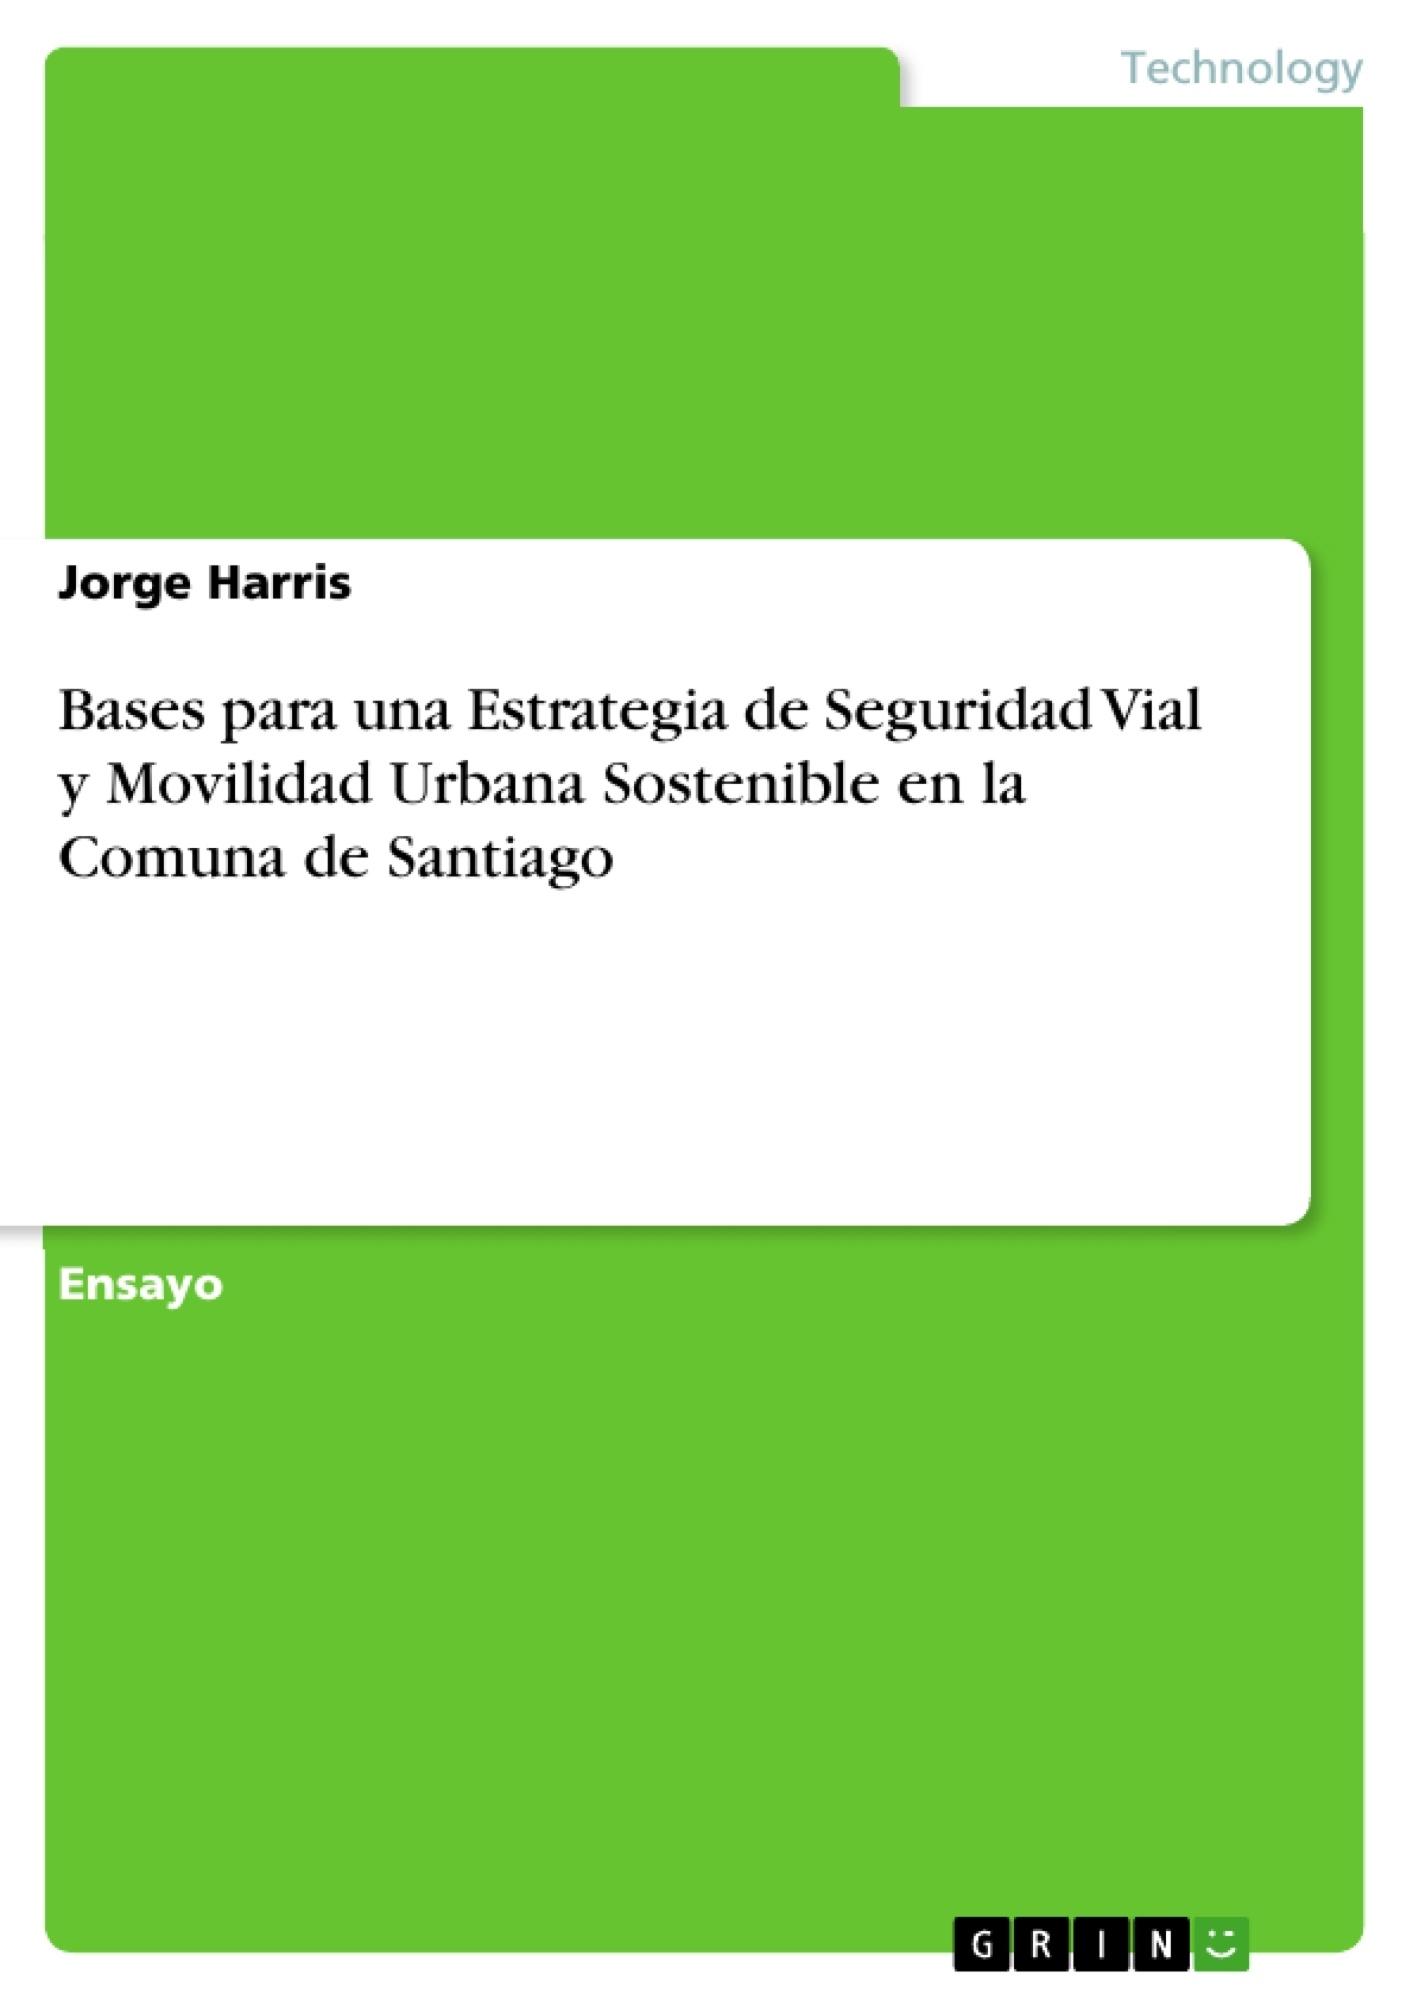 Título: Bases para una Estrategia de Seguridad Vial y Movilidad Urbana Sostenible en la Comuna de Santiago